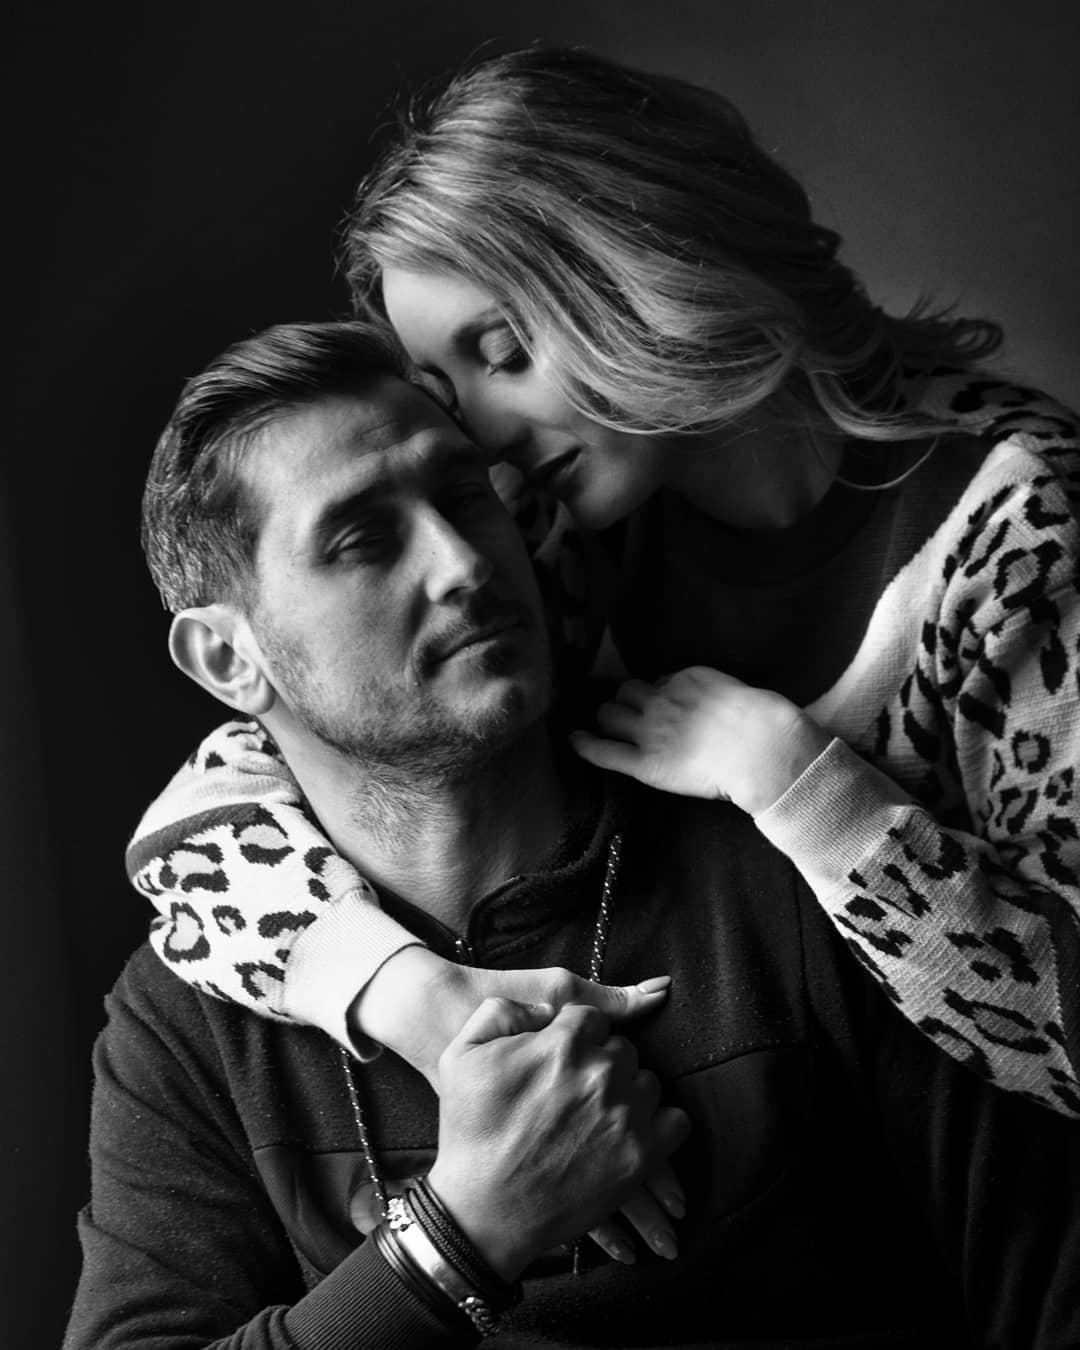 Οι σχέσεις δεν είναι ούτε δεδομένες, ούτε αυτονόητες, θέλουν φροντίδα